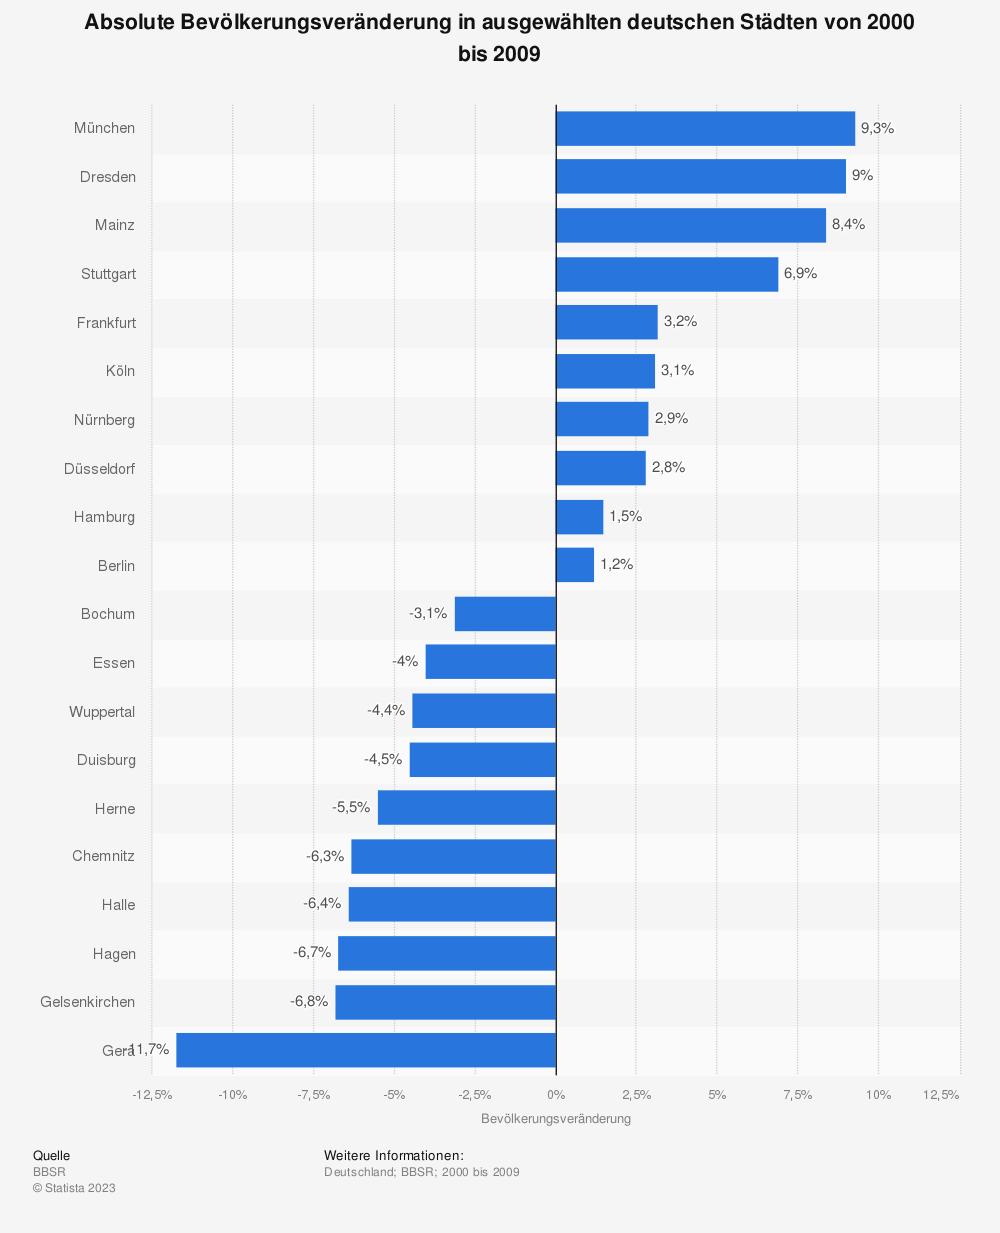 Statistik: Absolute Bevölkerungsveränderung in ausgewählten deutschen Städten von 2000 bis 2009 | Statista